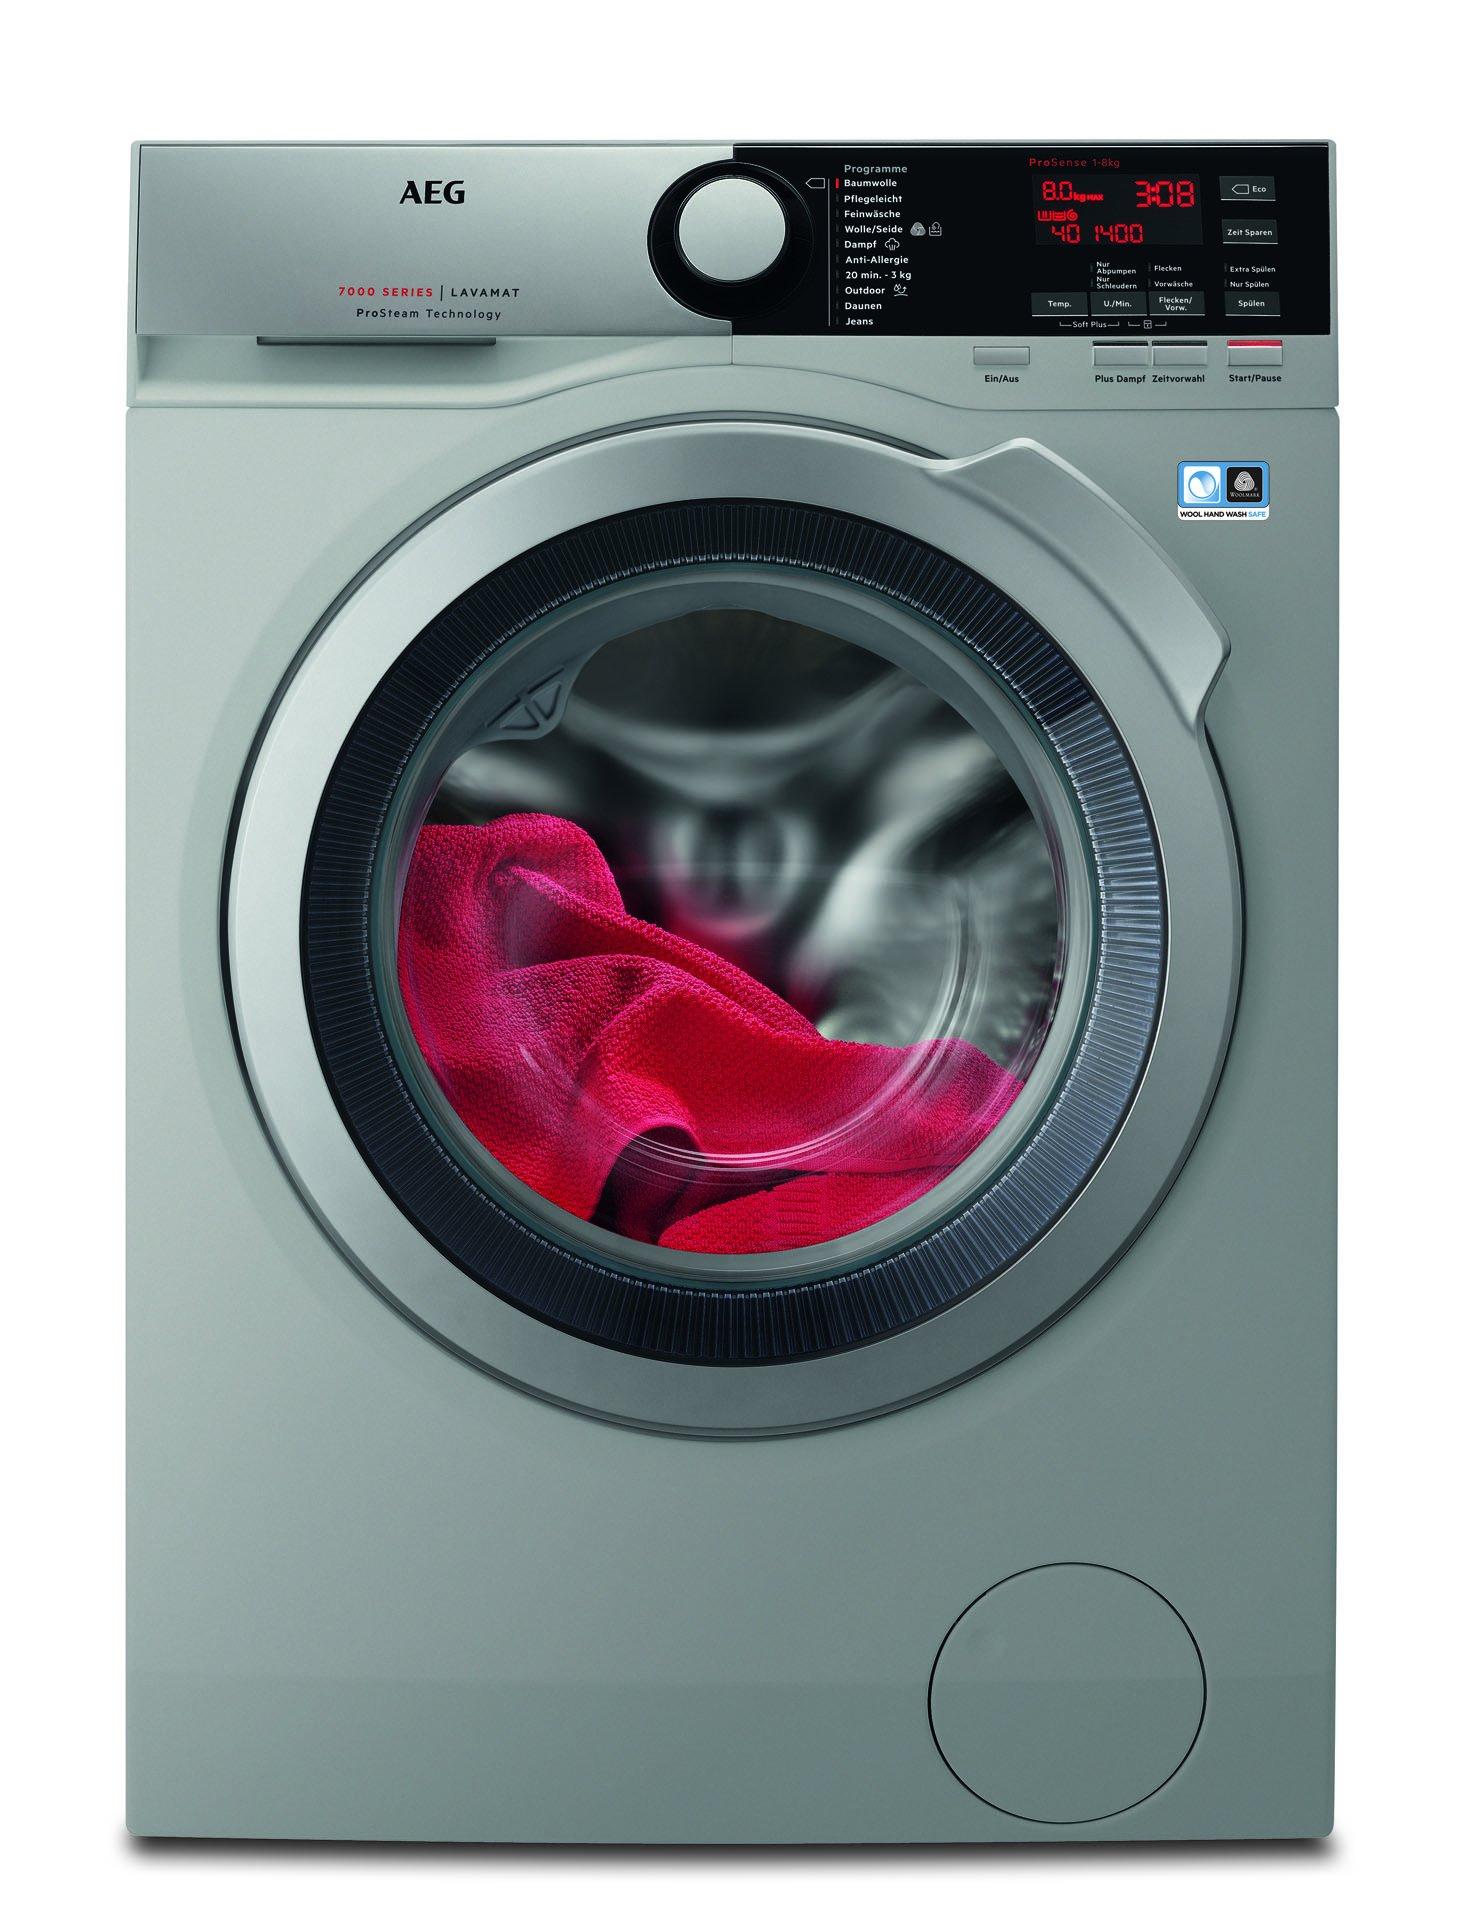 AEG-Waschmaschine-Frontlader-sparsamer-Waschvollautomat-der-Energieklasse-A-Mengenautomatik-und-Dampfprogramm-wei